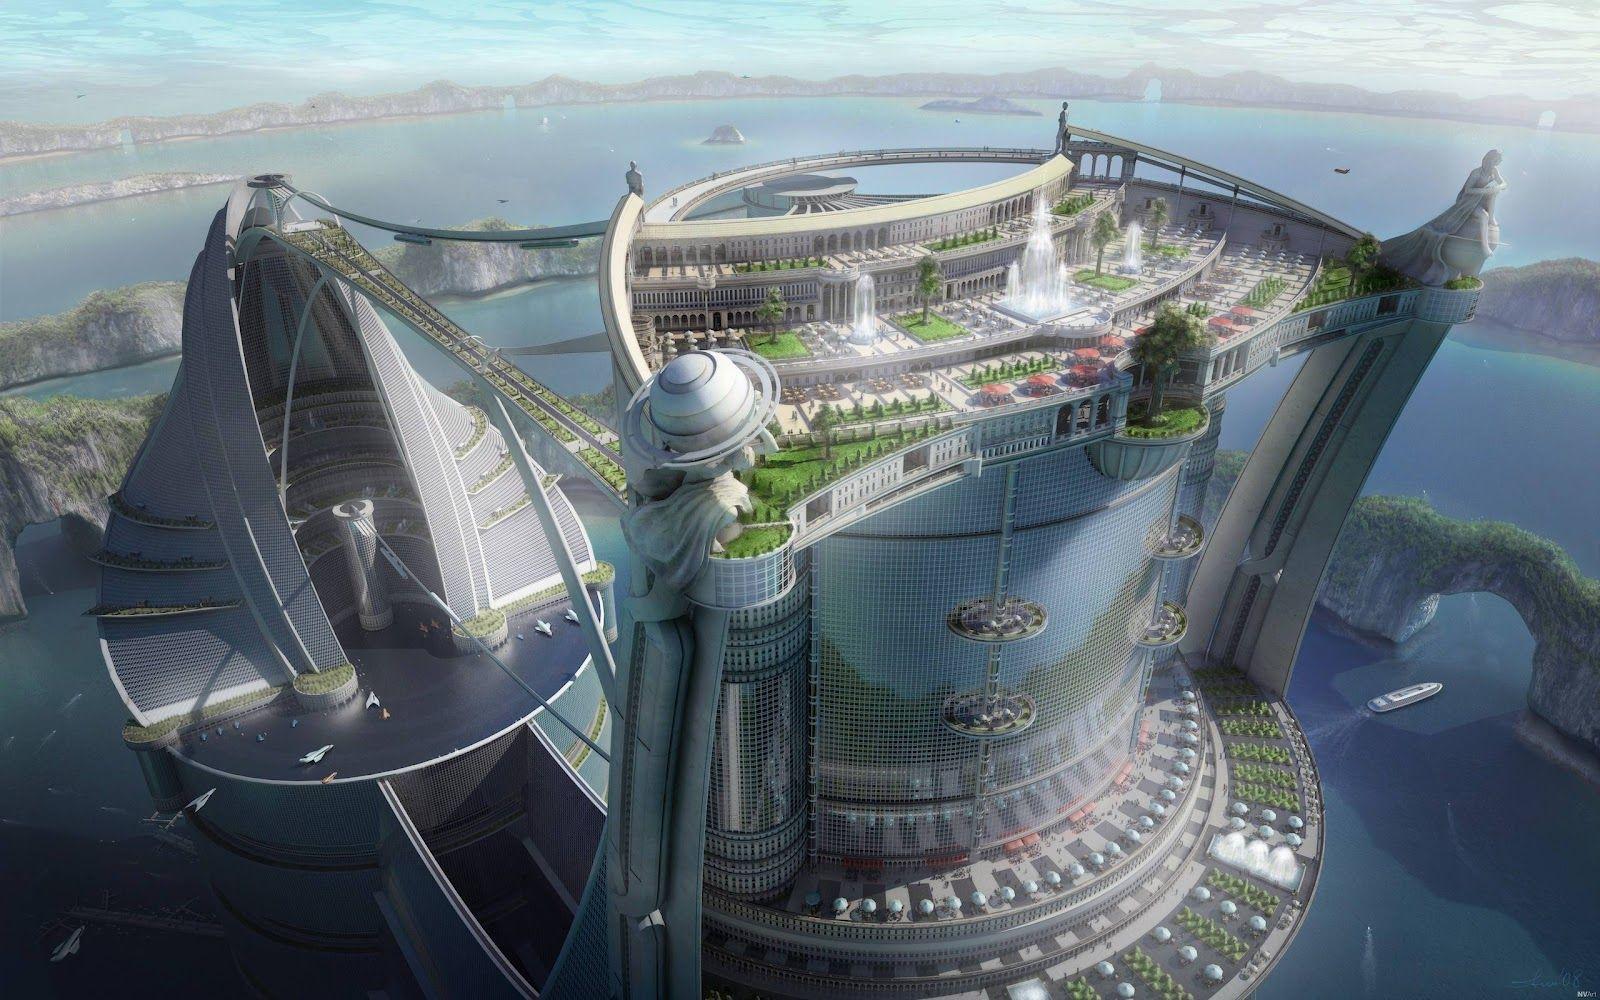 future city concept design - google search | fake cities